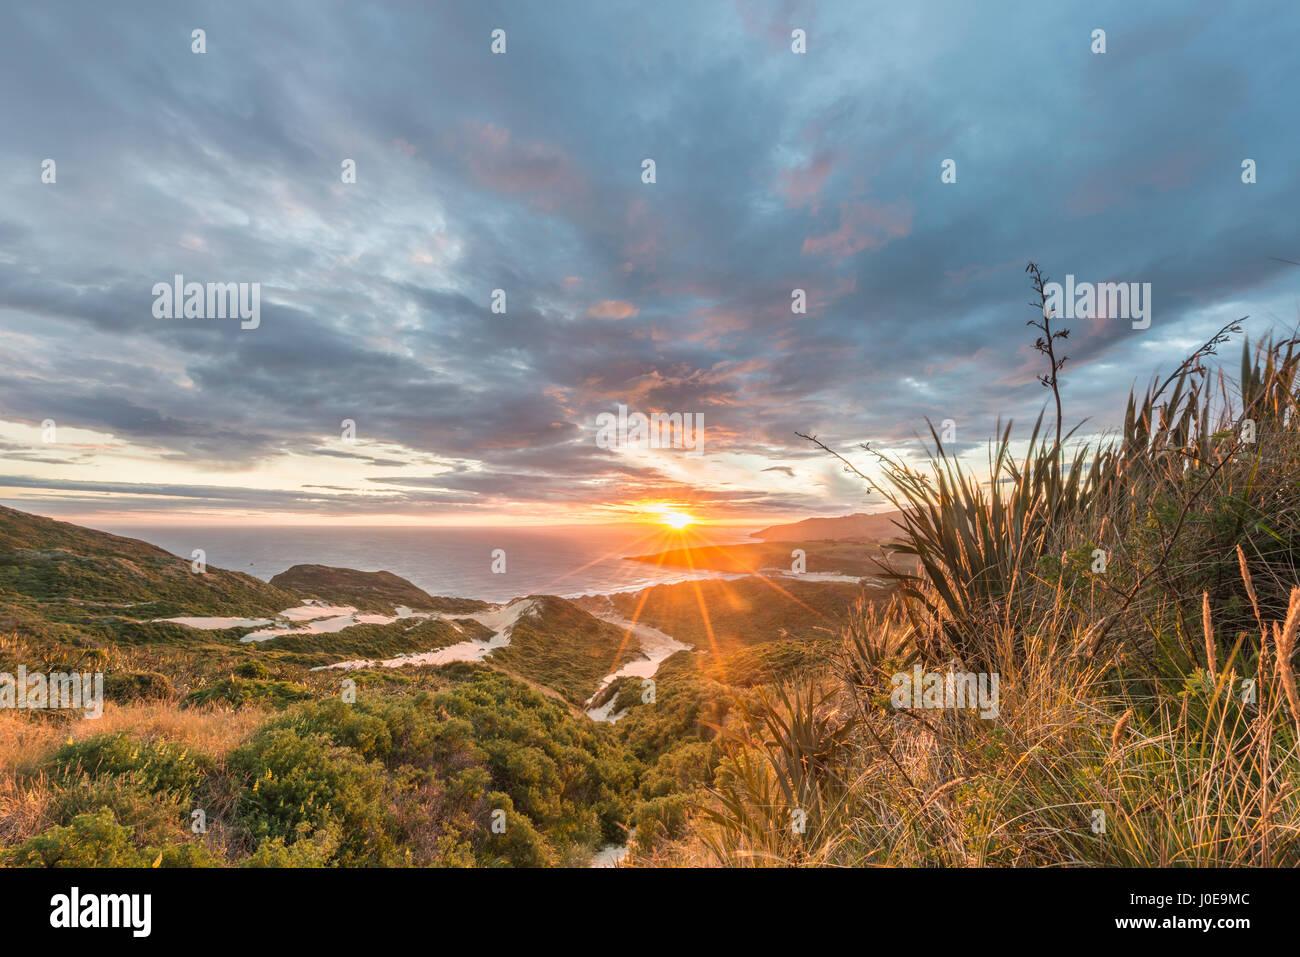 Coucher de soleil sur la mer, les dunes, la baie de phlébotome, Dunedin, Otago, péninsule d'Otago, Photo Stock